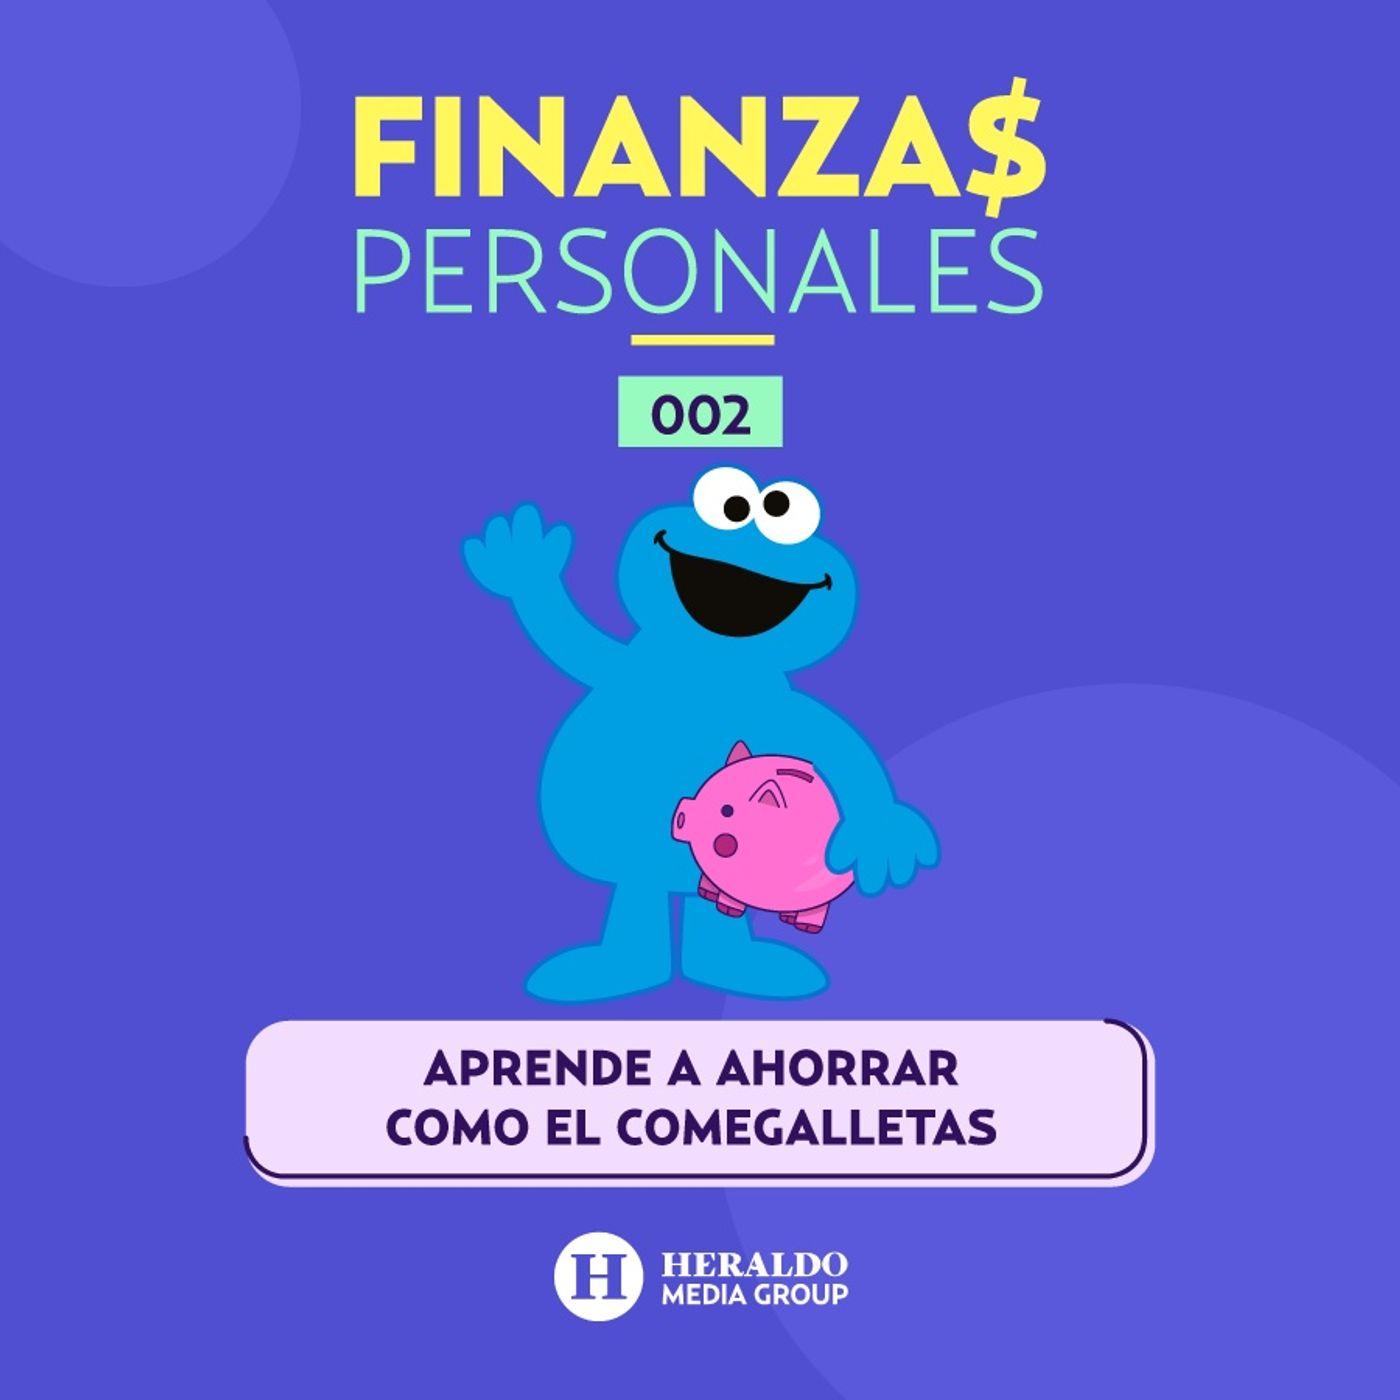 Ahorro Infantil | Finanzas Personales: Educación financiera con el Comegalletas